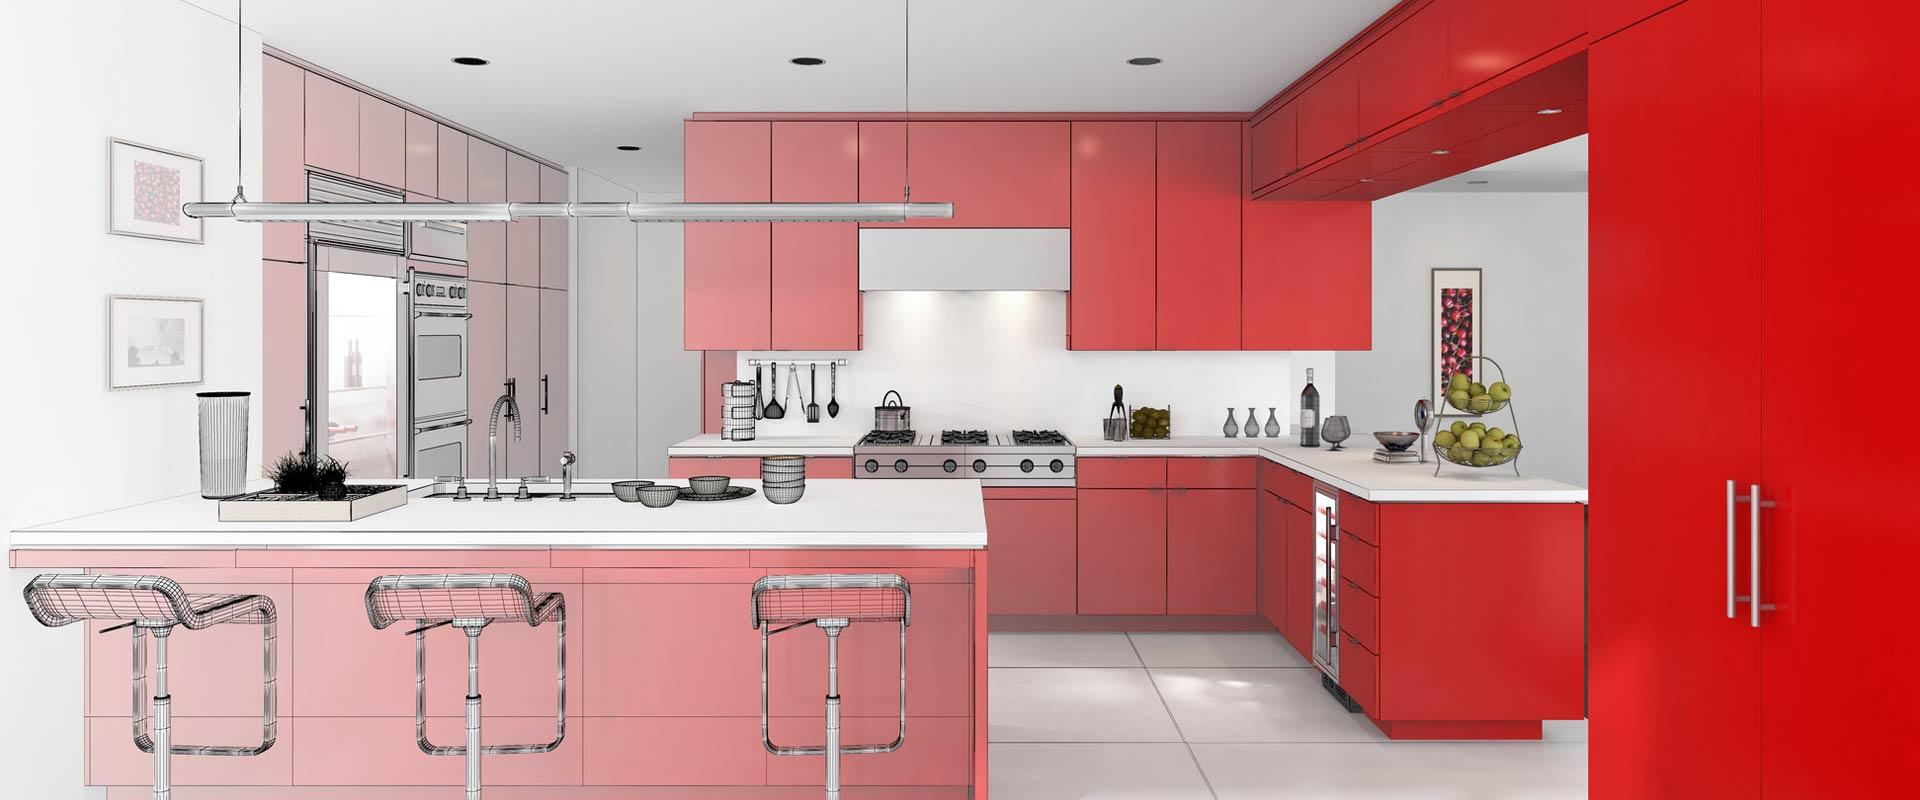 Individuelle küchenplanung  DOMEYER Möbel und Küchen Individuelle Küchenplanung